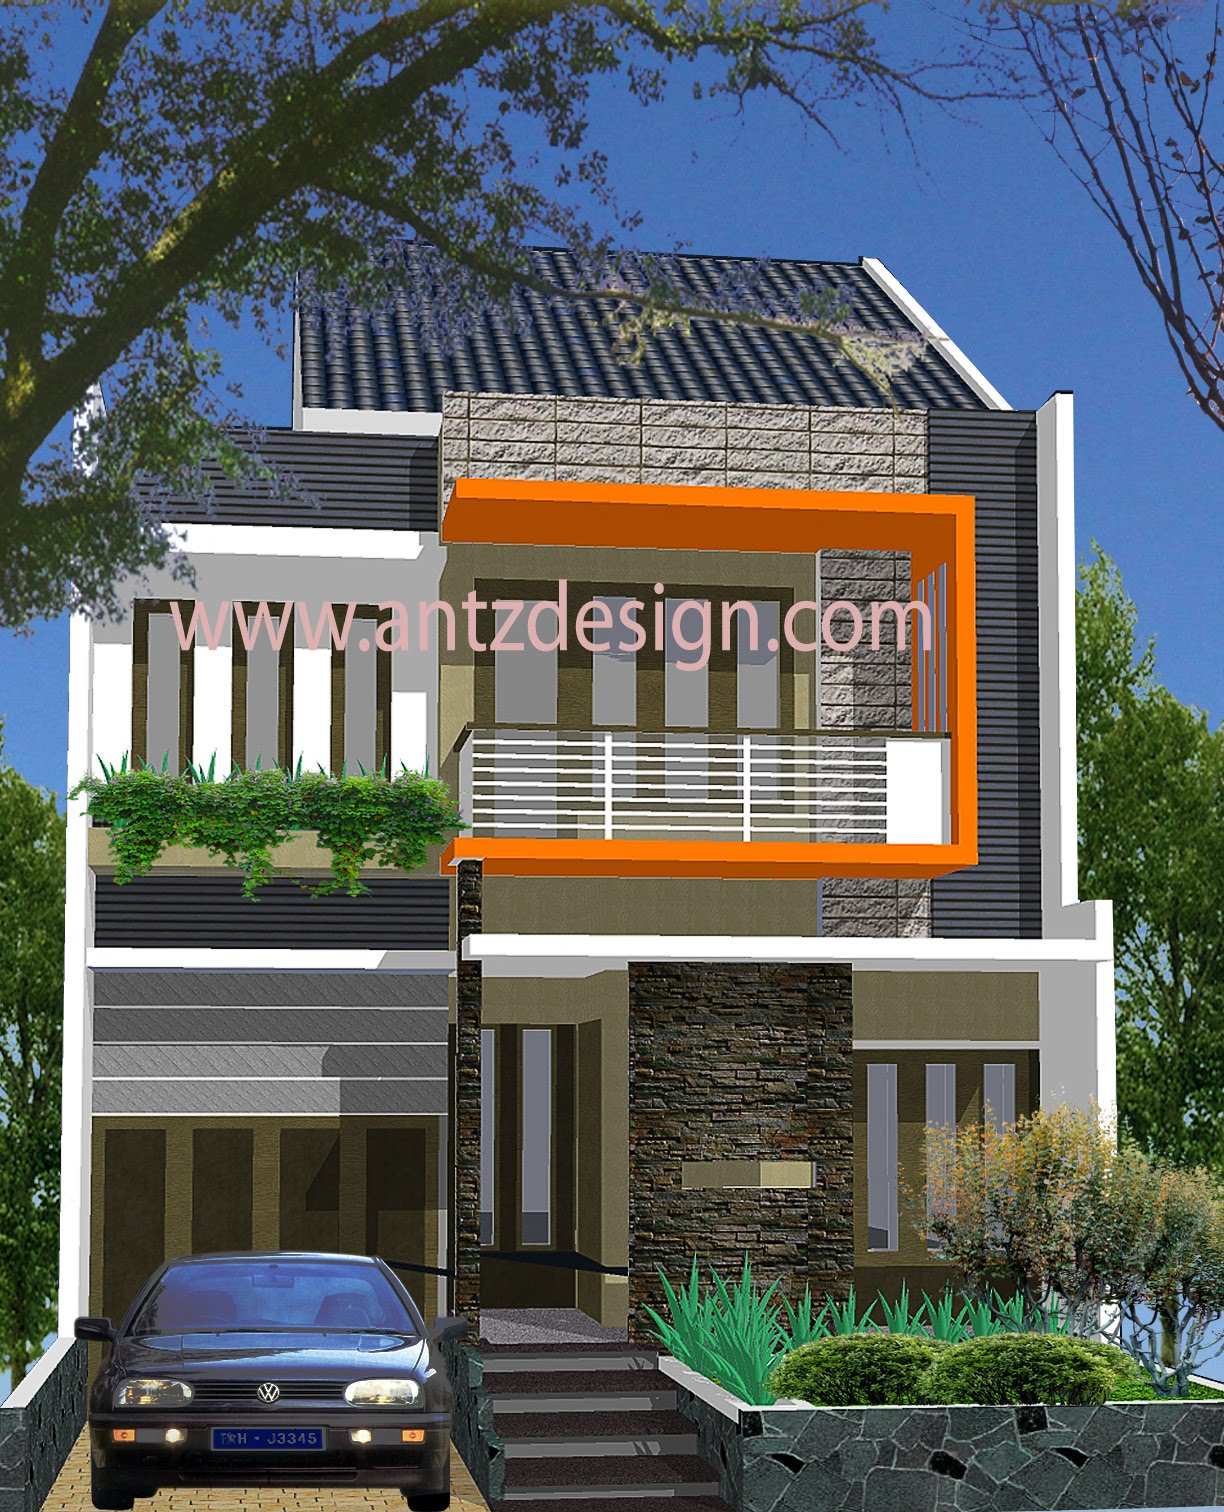 69 Desain Rumah Minimalis Type 21 | Desain Rumah Minimalis ...